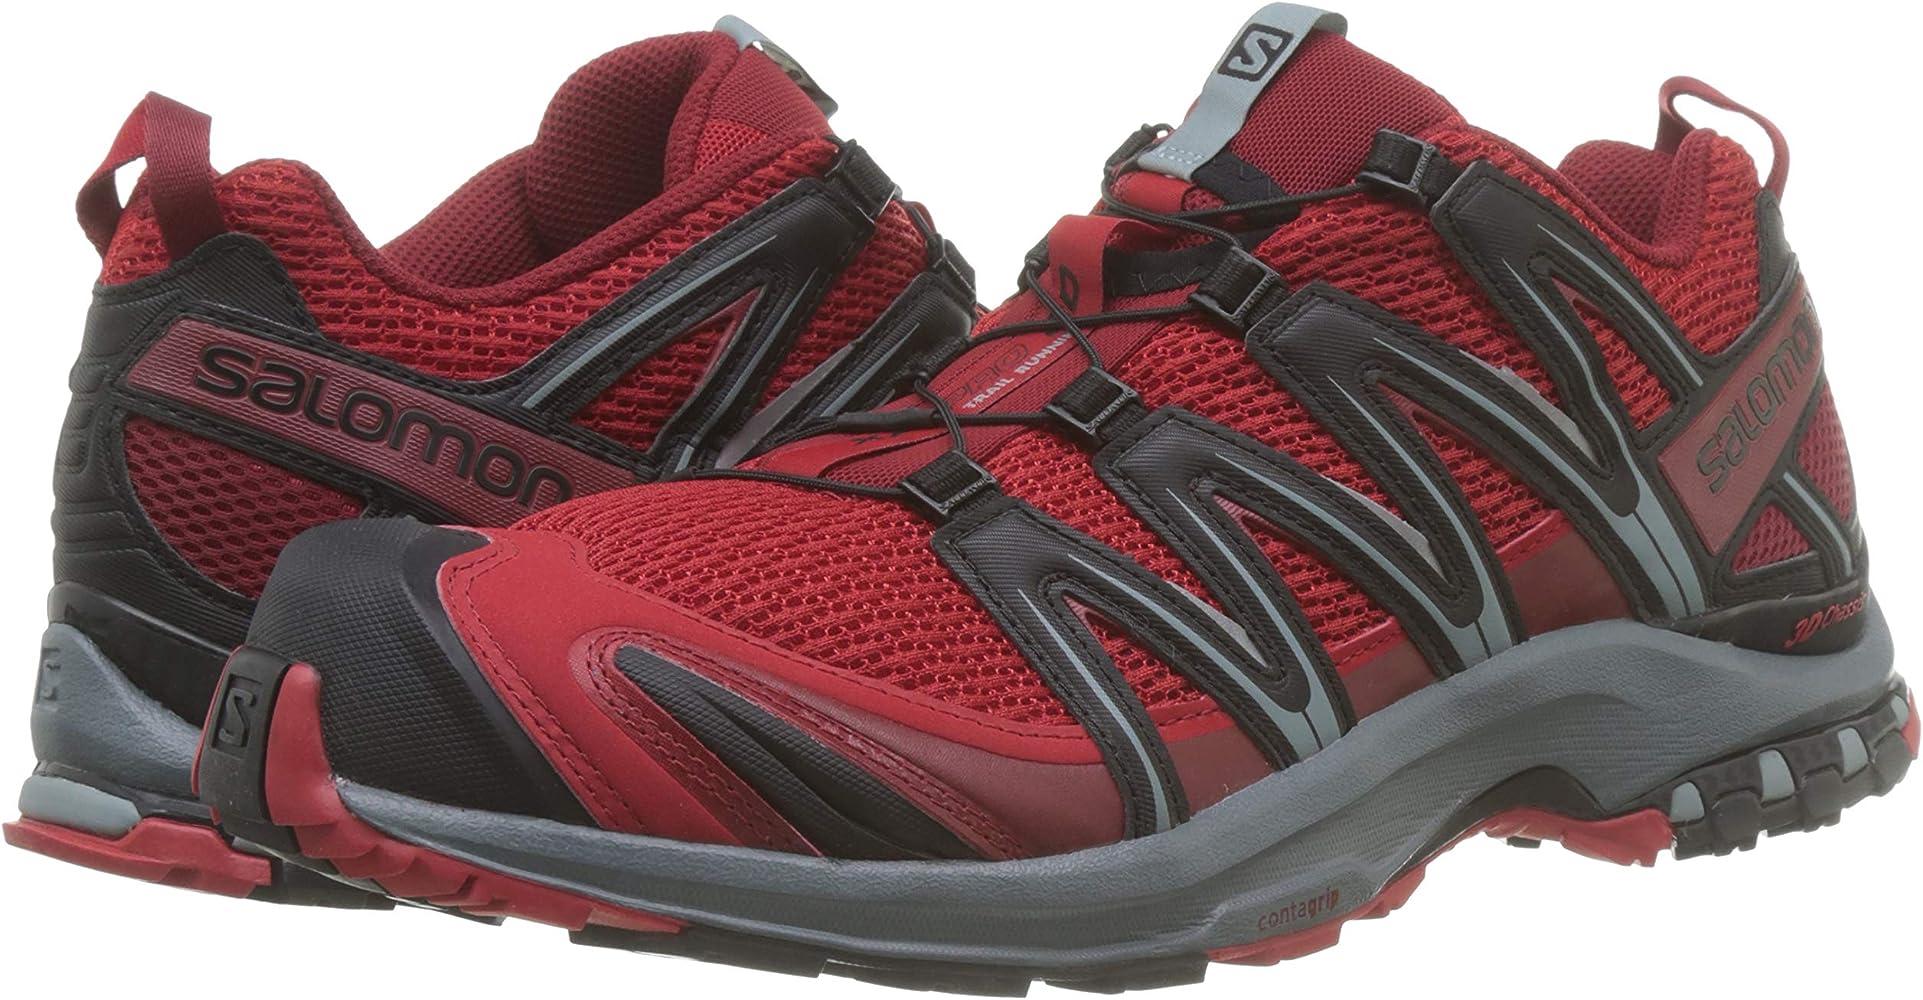 SALOMON XA Pro 3D, Zapatillas de Senderismo para Hombre: Amazon.es ...